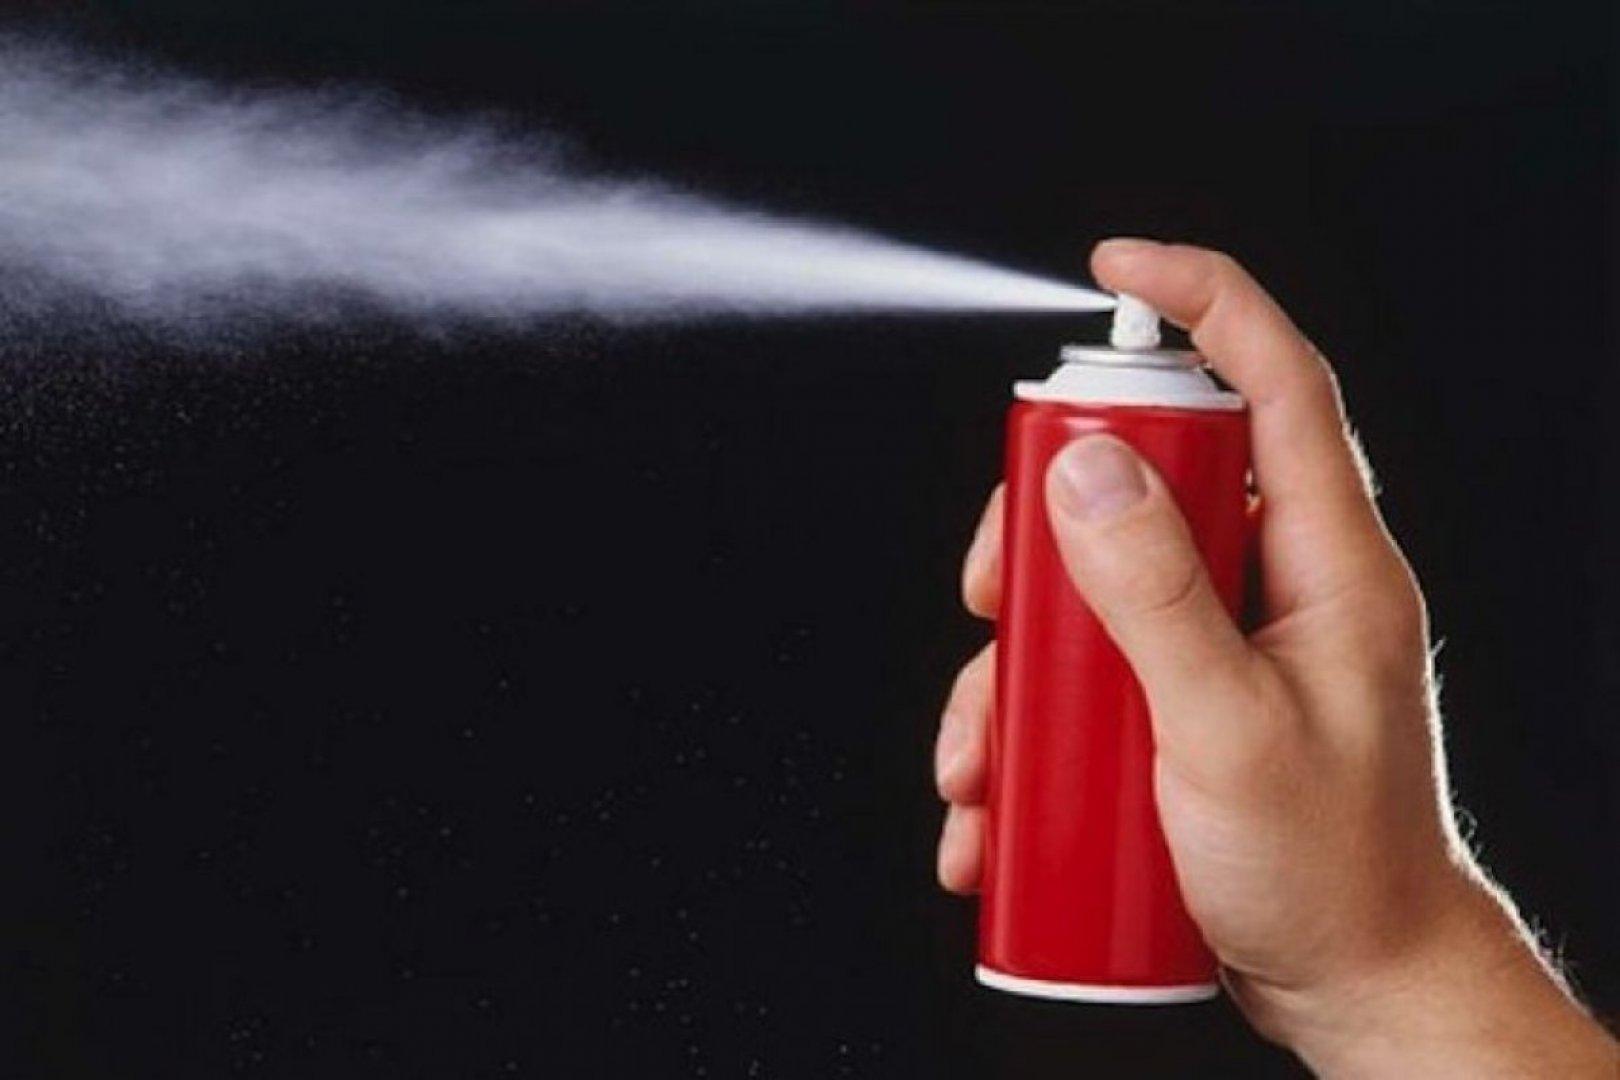 Все химические средства храните в недоступном для детей месте